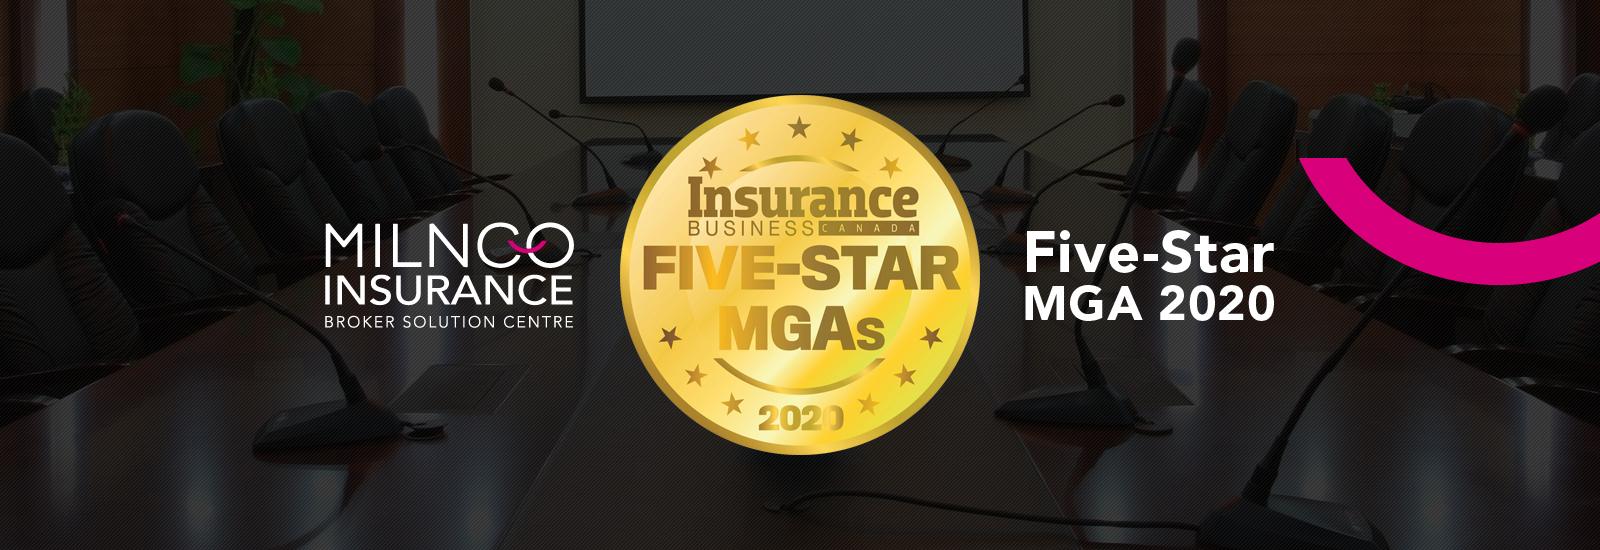 Five Star MGA 2020